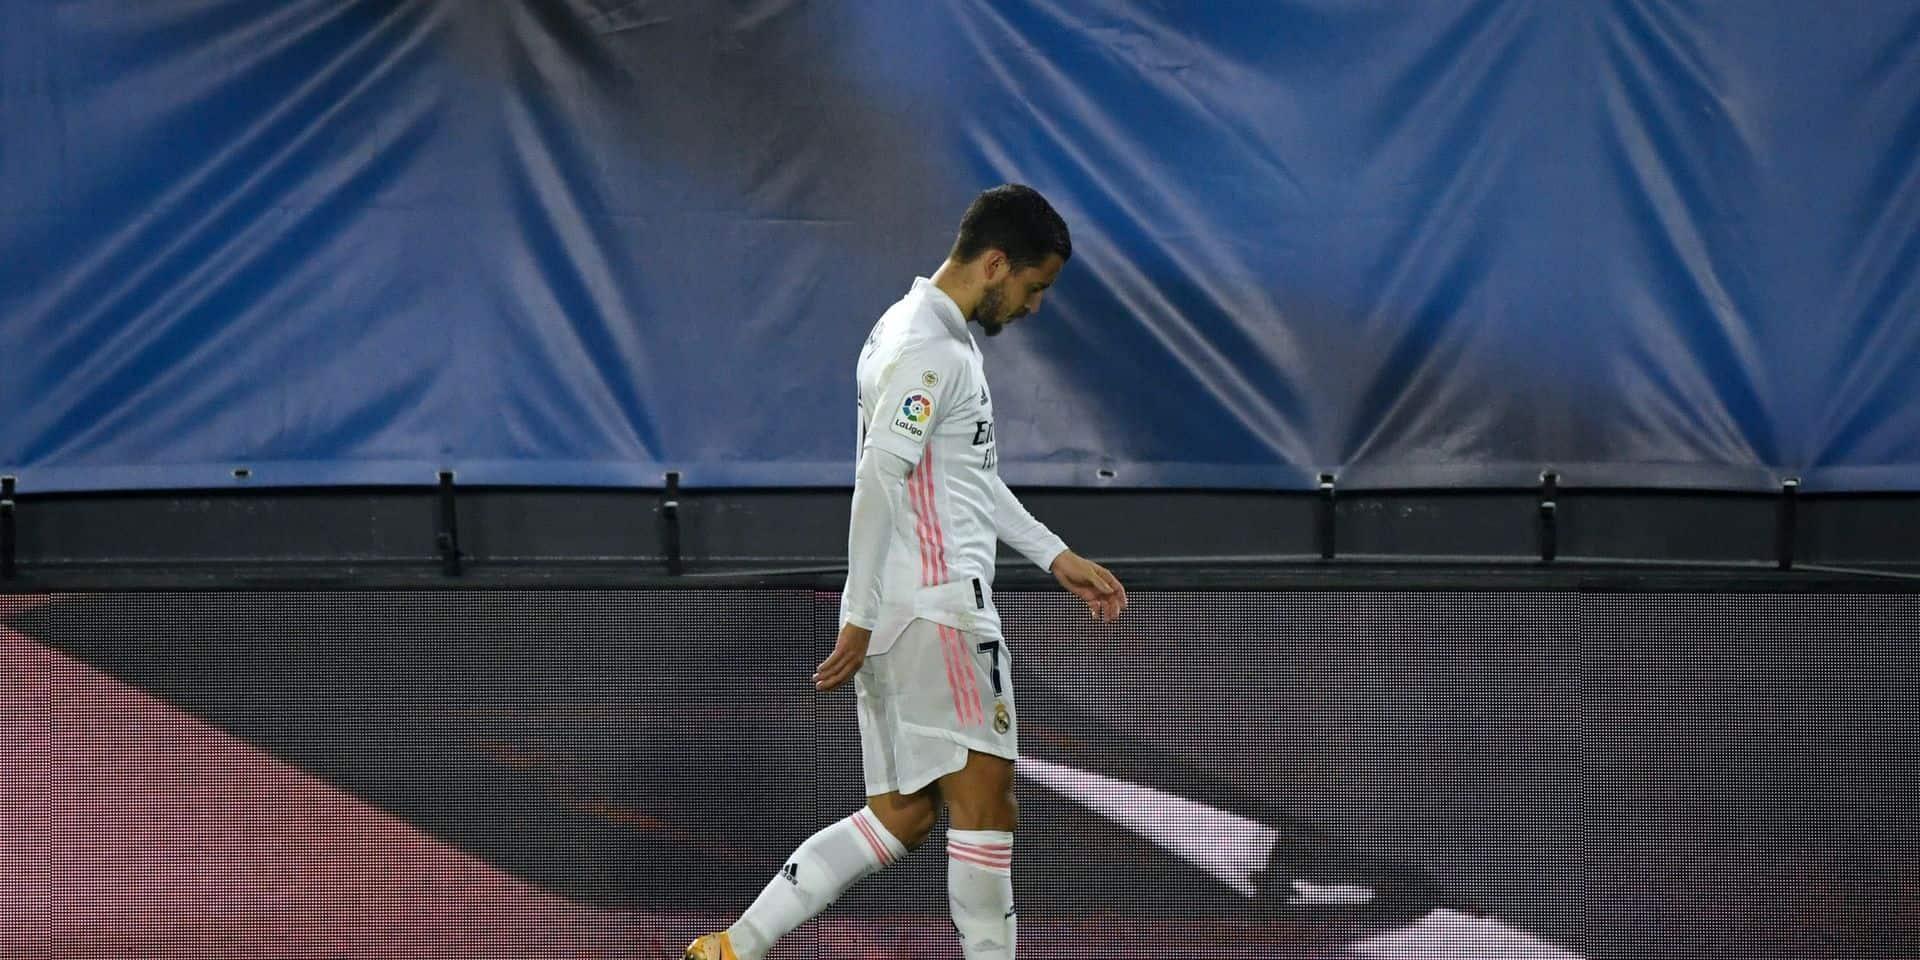 Eden Hazard absent trois semaines après sa nouvelle blessure, son année 2020 est probablement terminée